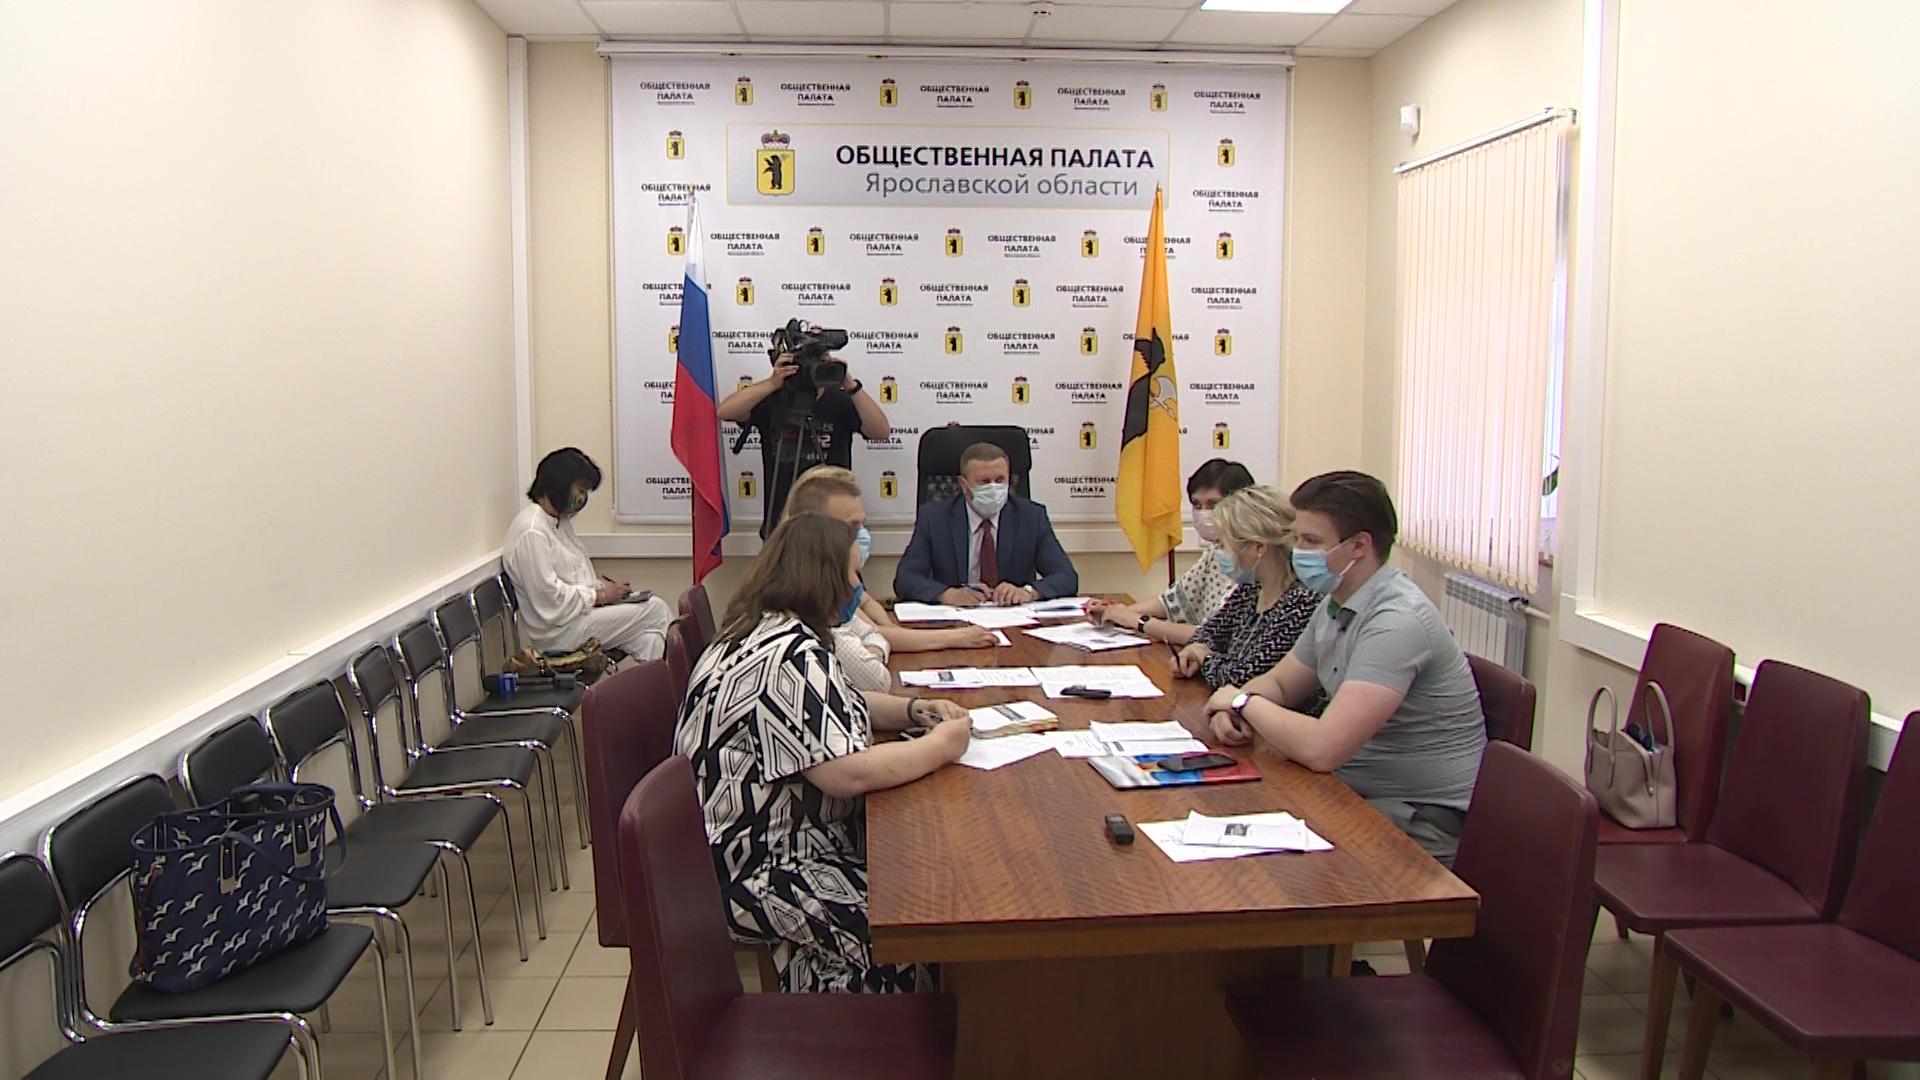 Общественная палата региона подготовит наблюдателей для голосования по поправкам в Конституцию